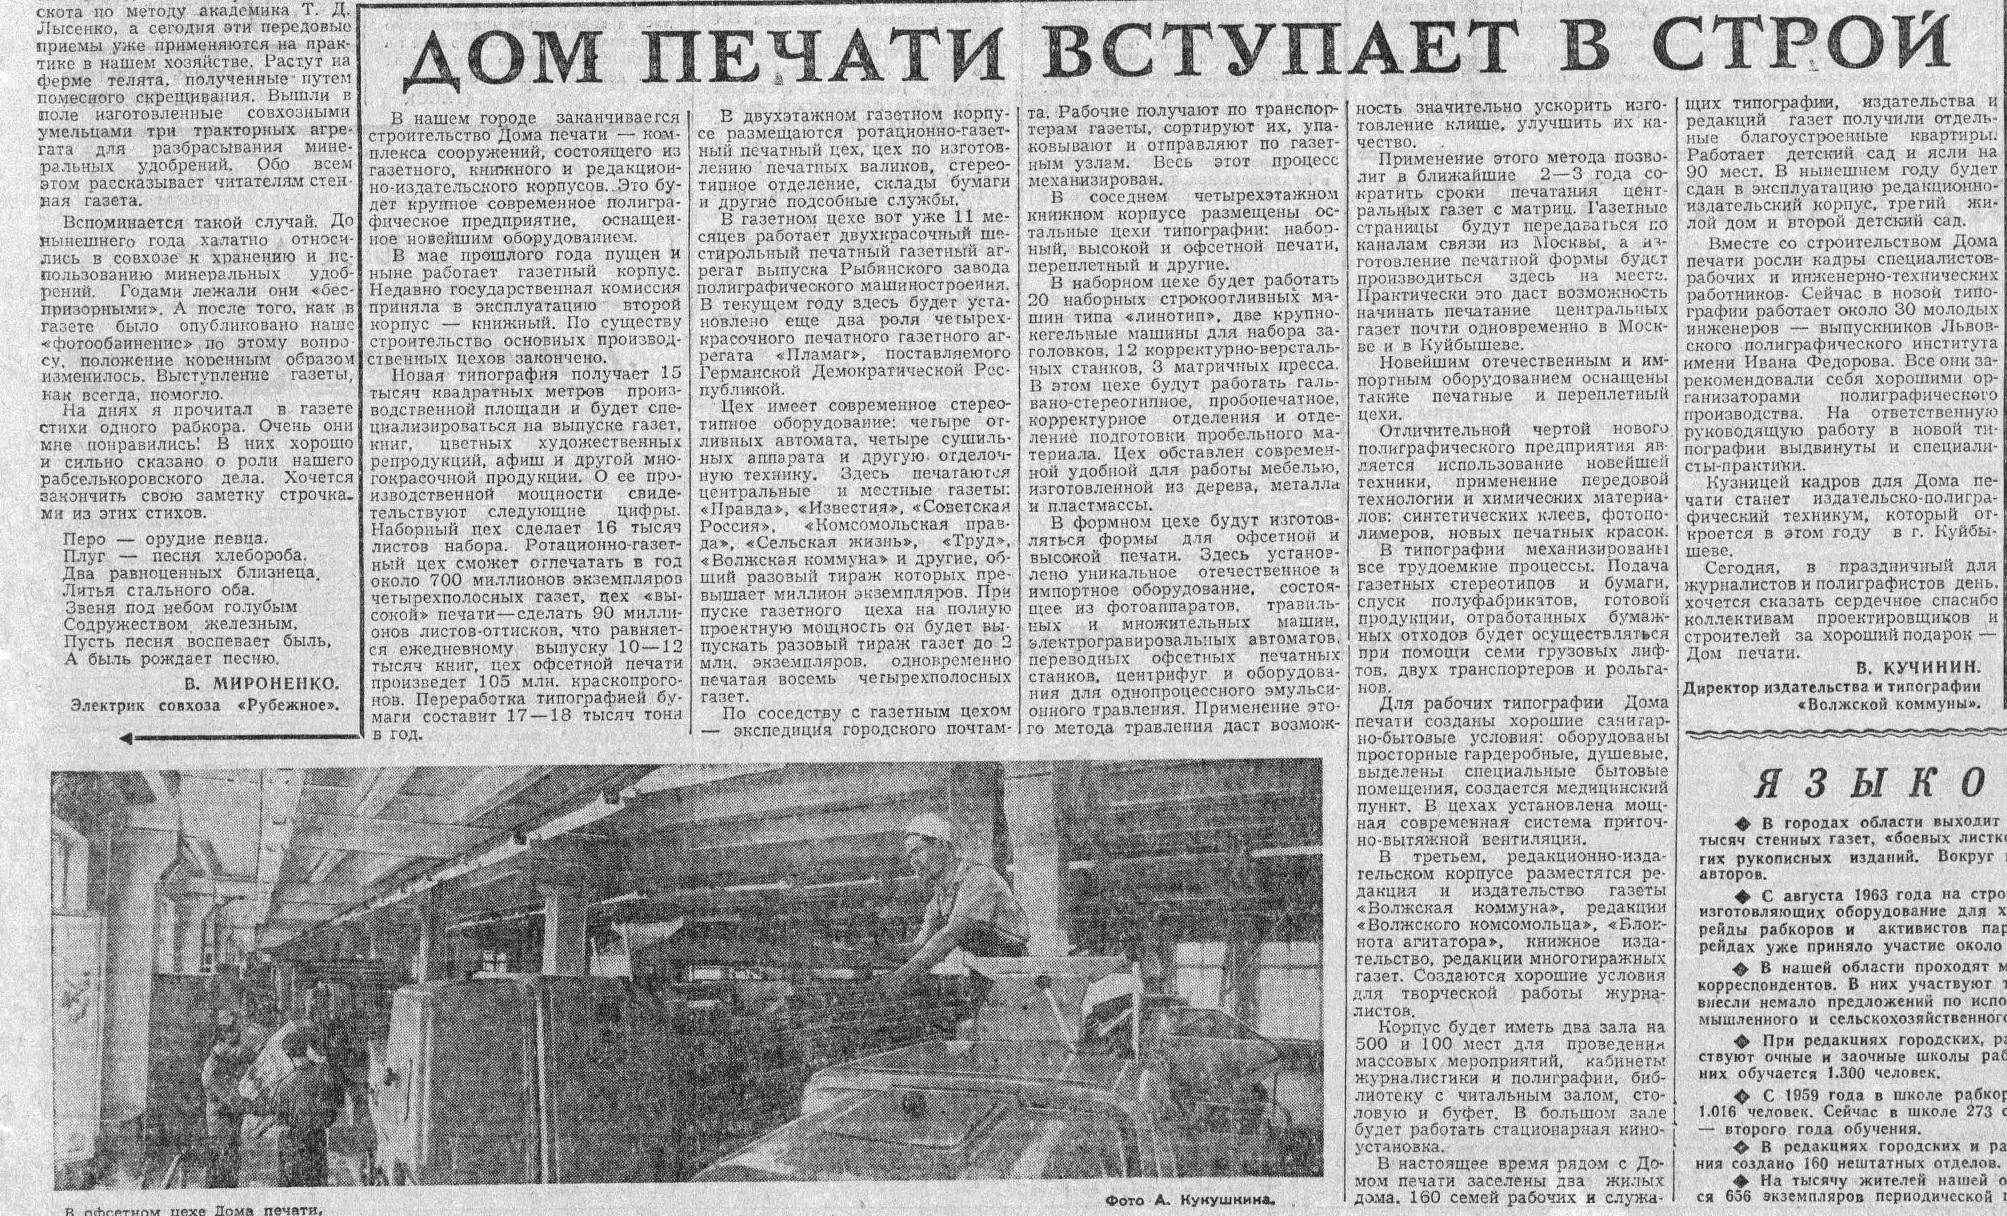 Карла Маркса-ФОТО-23-ВКа-1964-05-05-Дом Печати вступает в строй